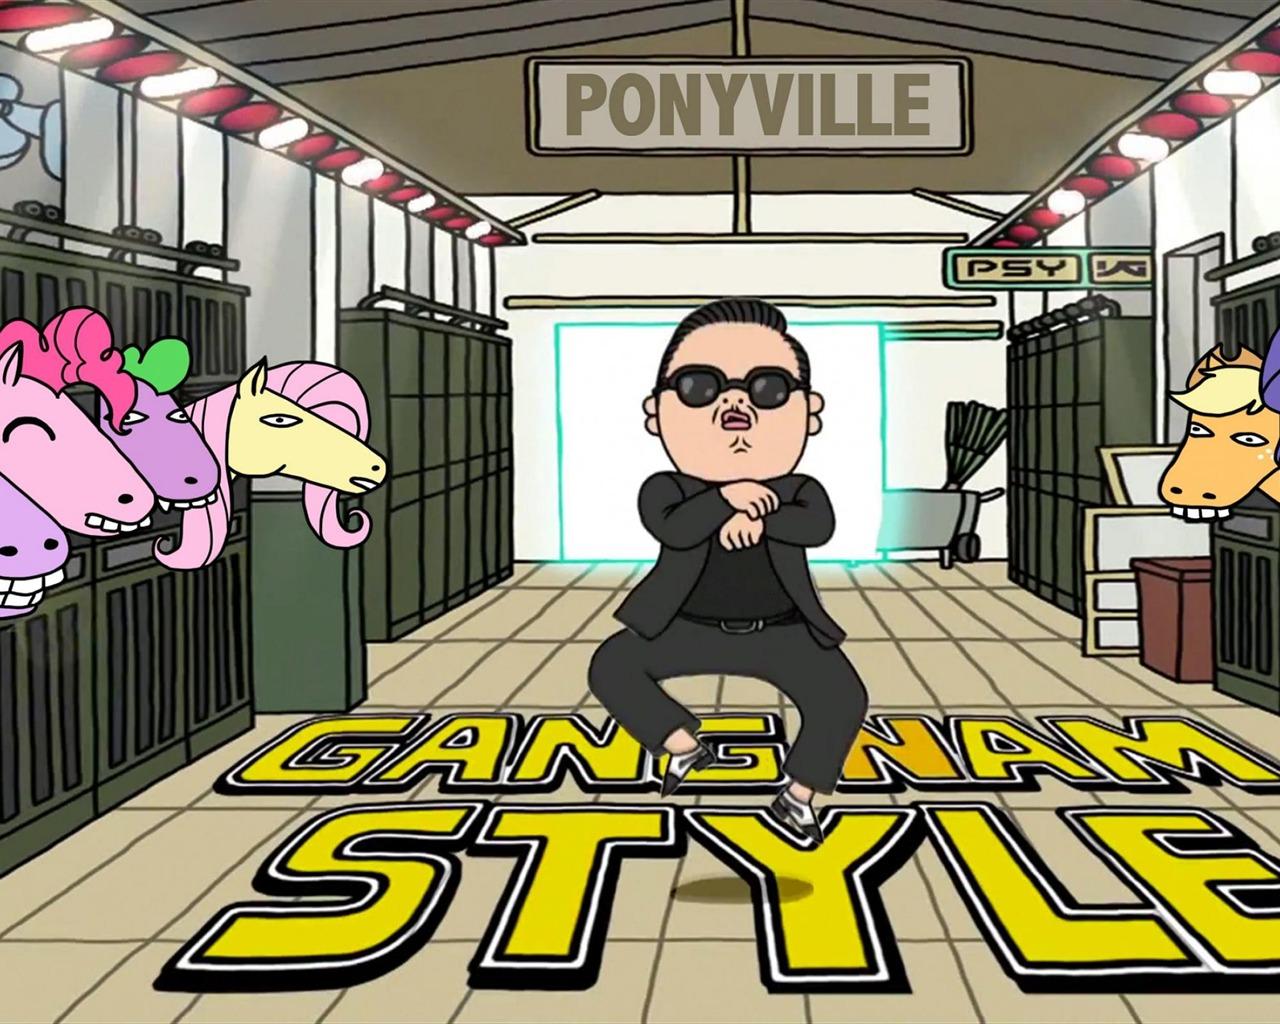 Oppa gangnam style cat meme